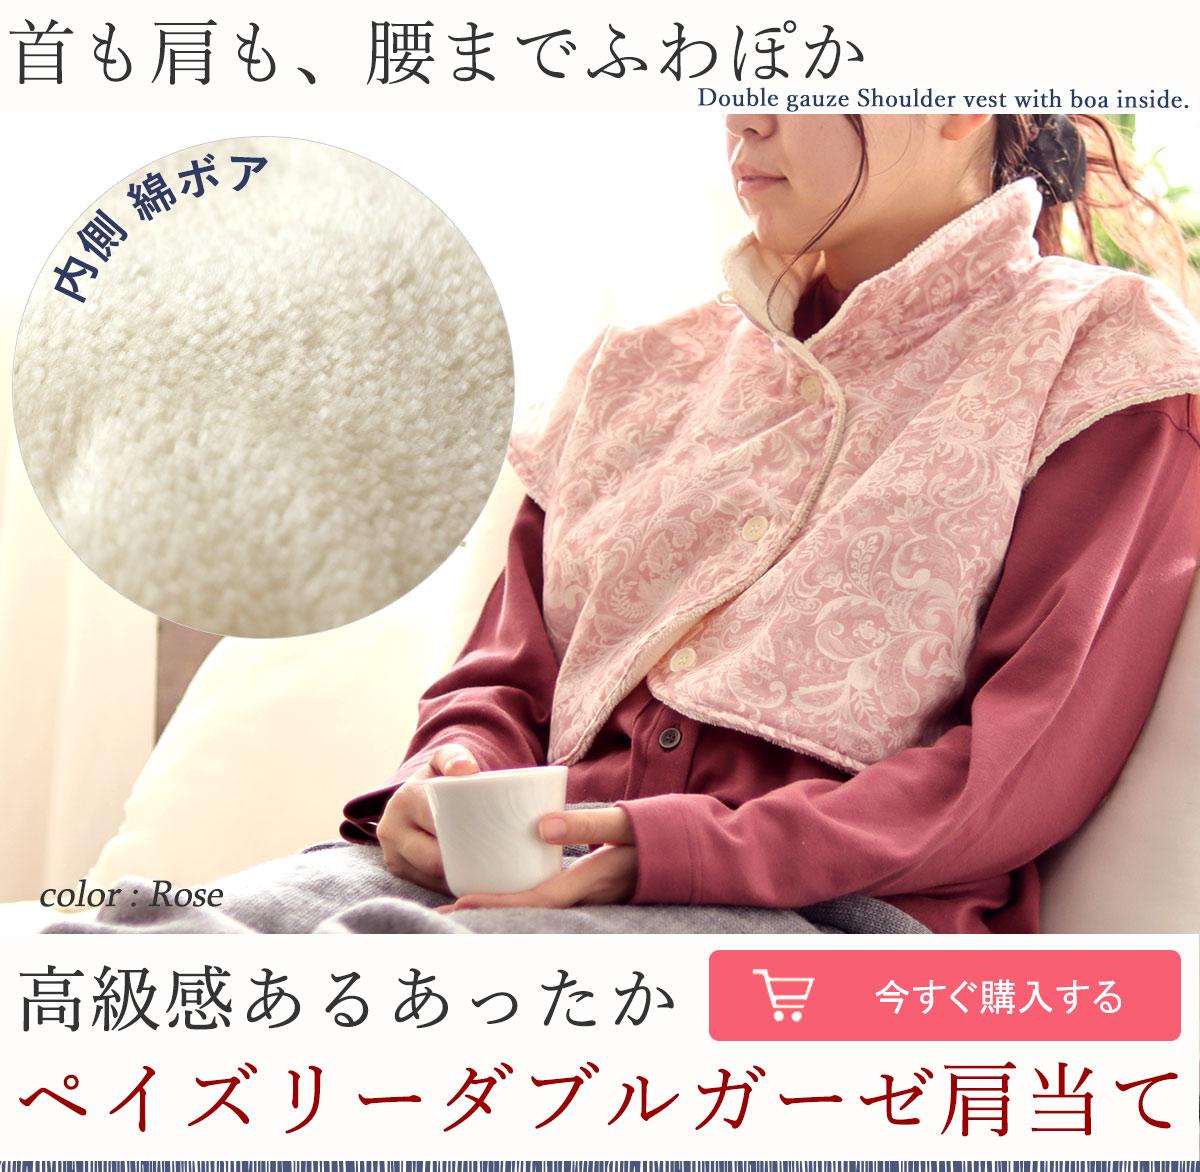 首も肩も腰までふわぽか、内側綿ボア、綿100%なのにあったかペイズリーダブルガーゼ肩当て